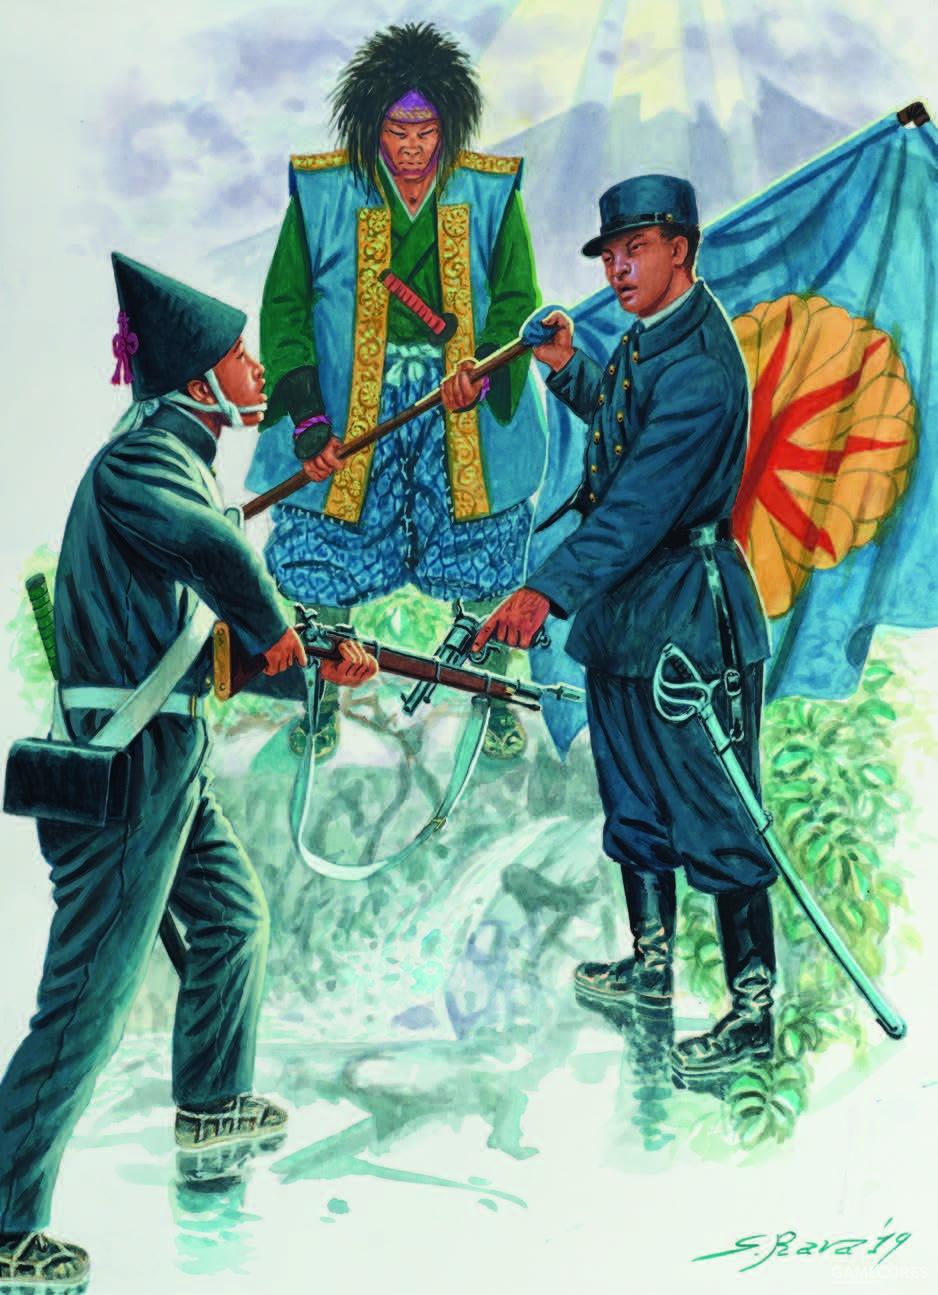 戊辰战争期间的武士和帝国步兵